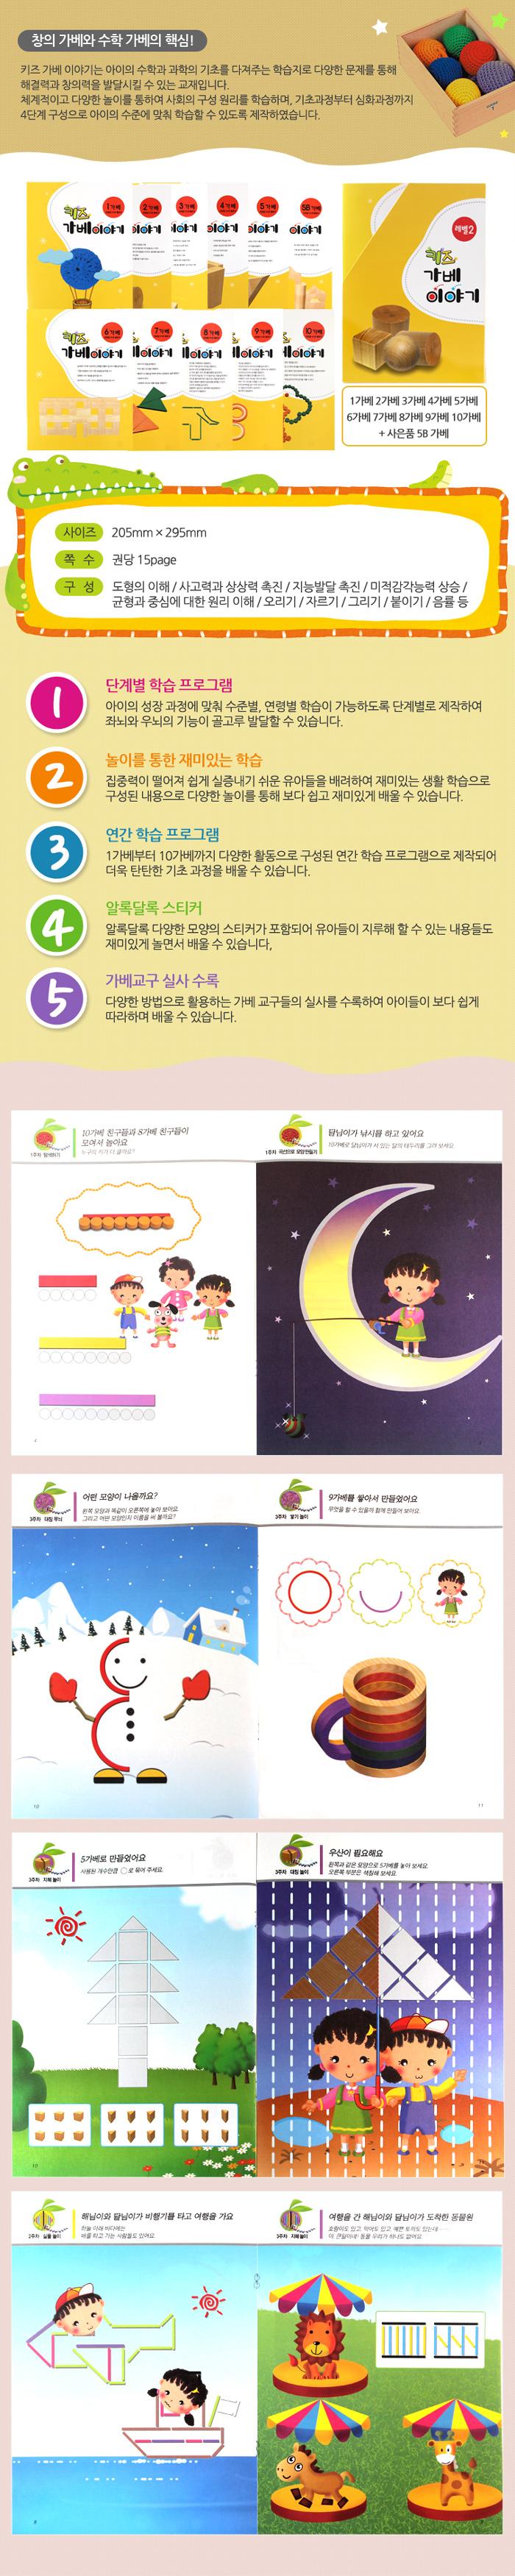 kidsvision_26_1.jpg